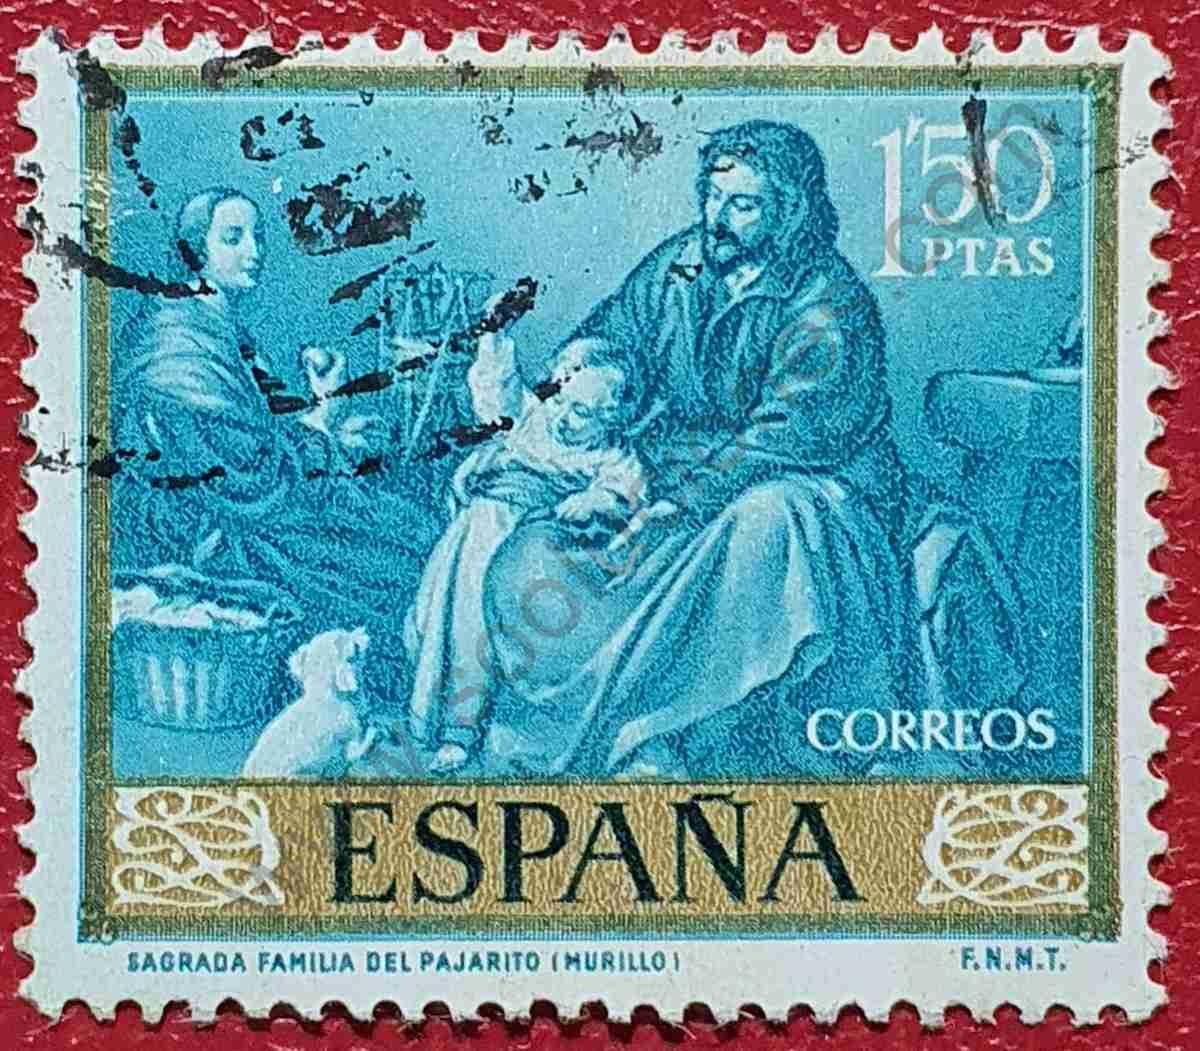 Sagrada familia del pajarito - Sello España 1960